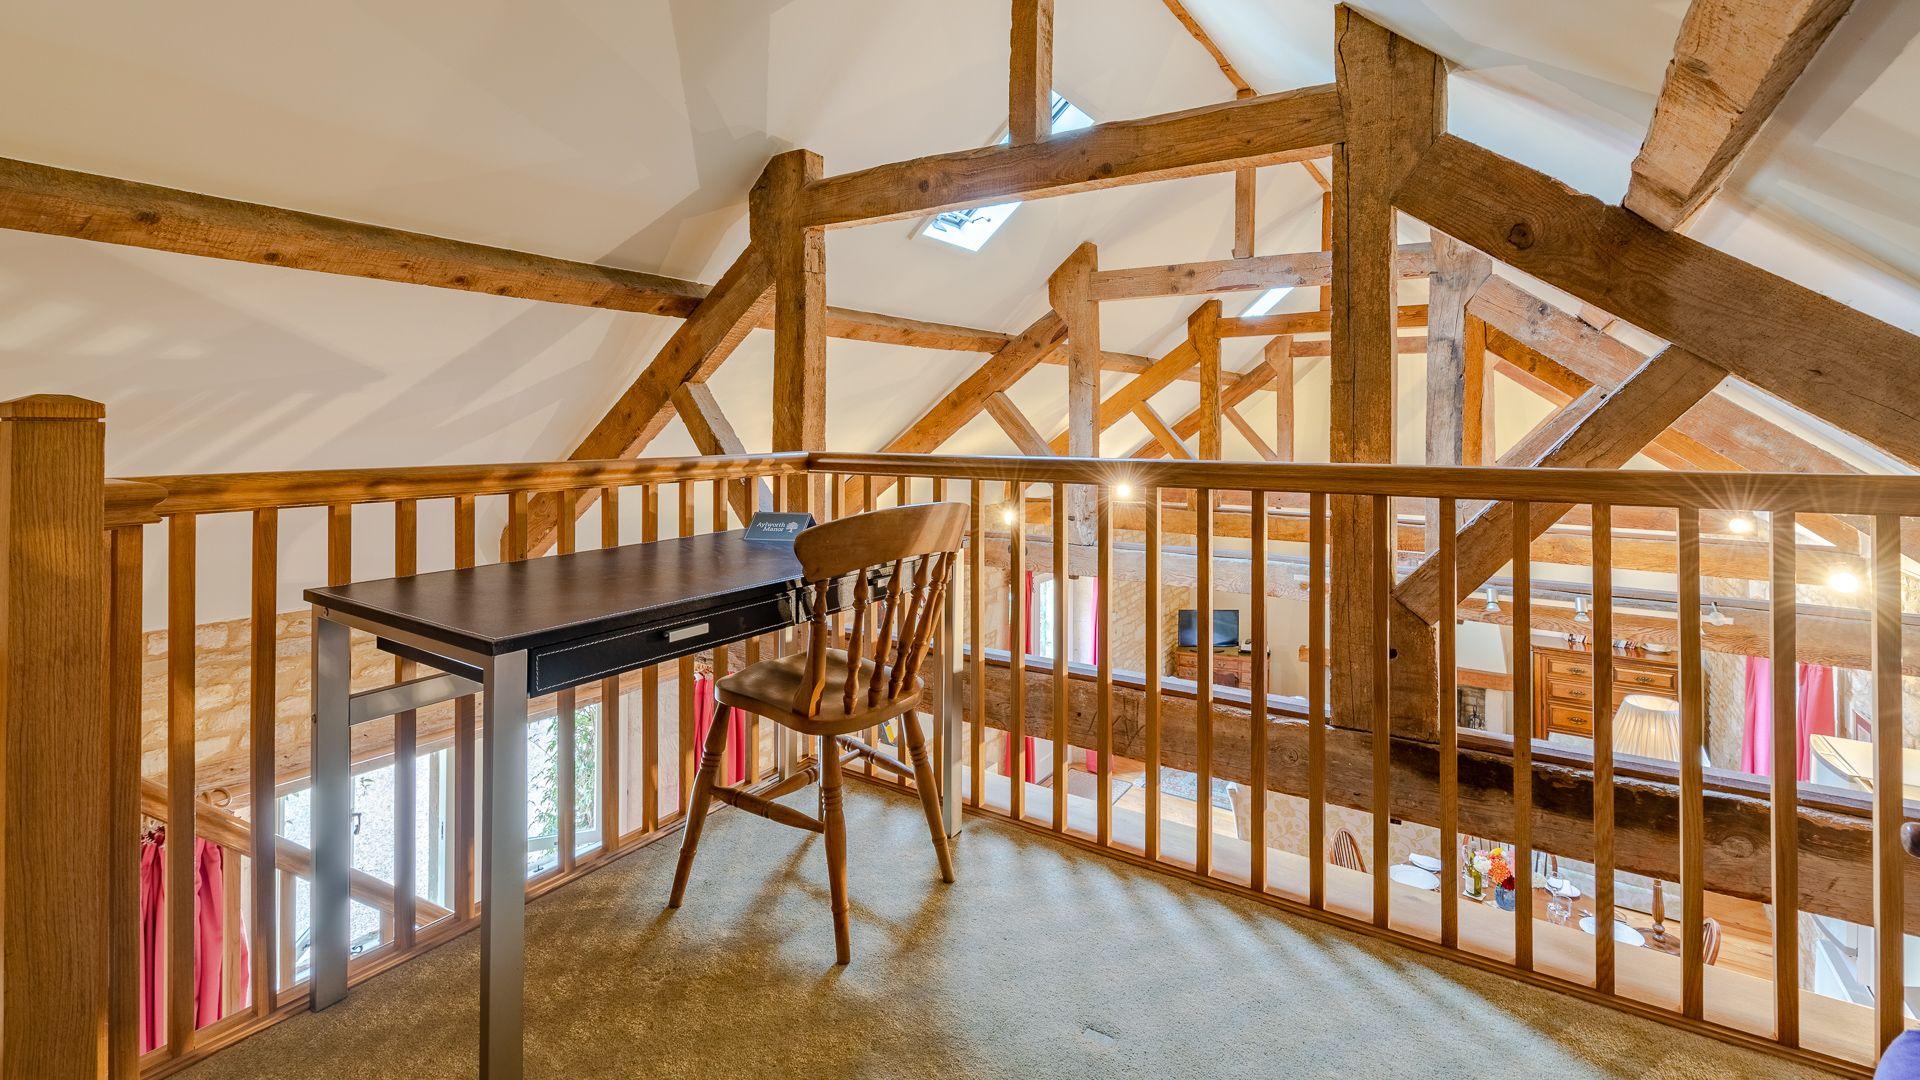 Mezzanine study, Aylworth Manor Granary, Bolthole Retreats